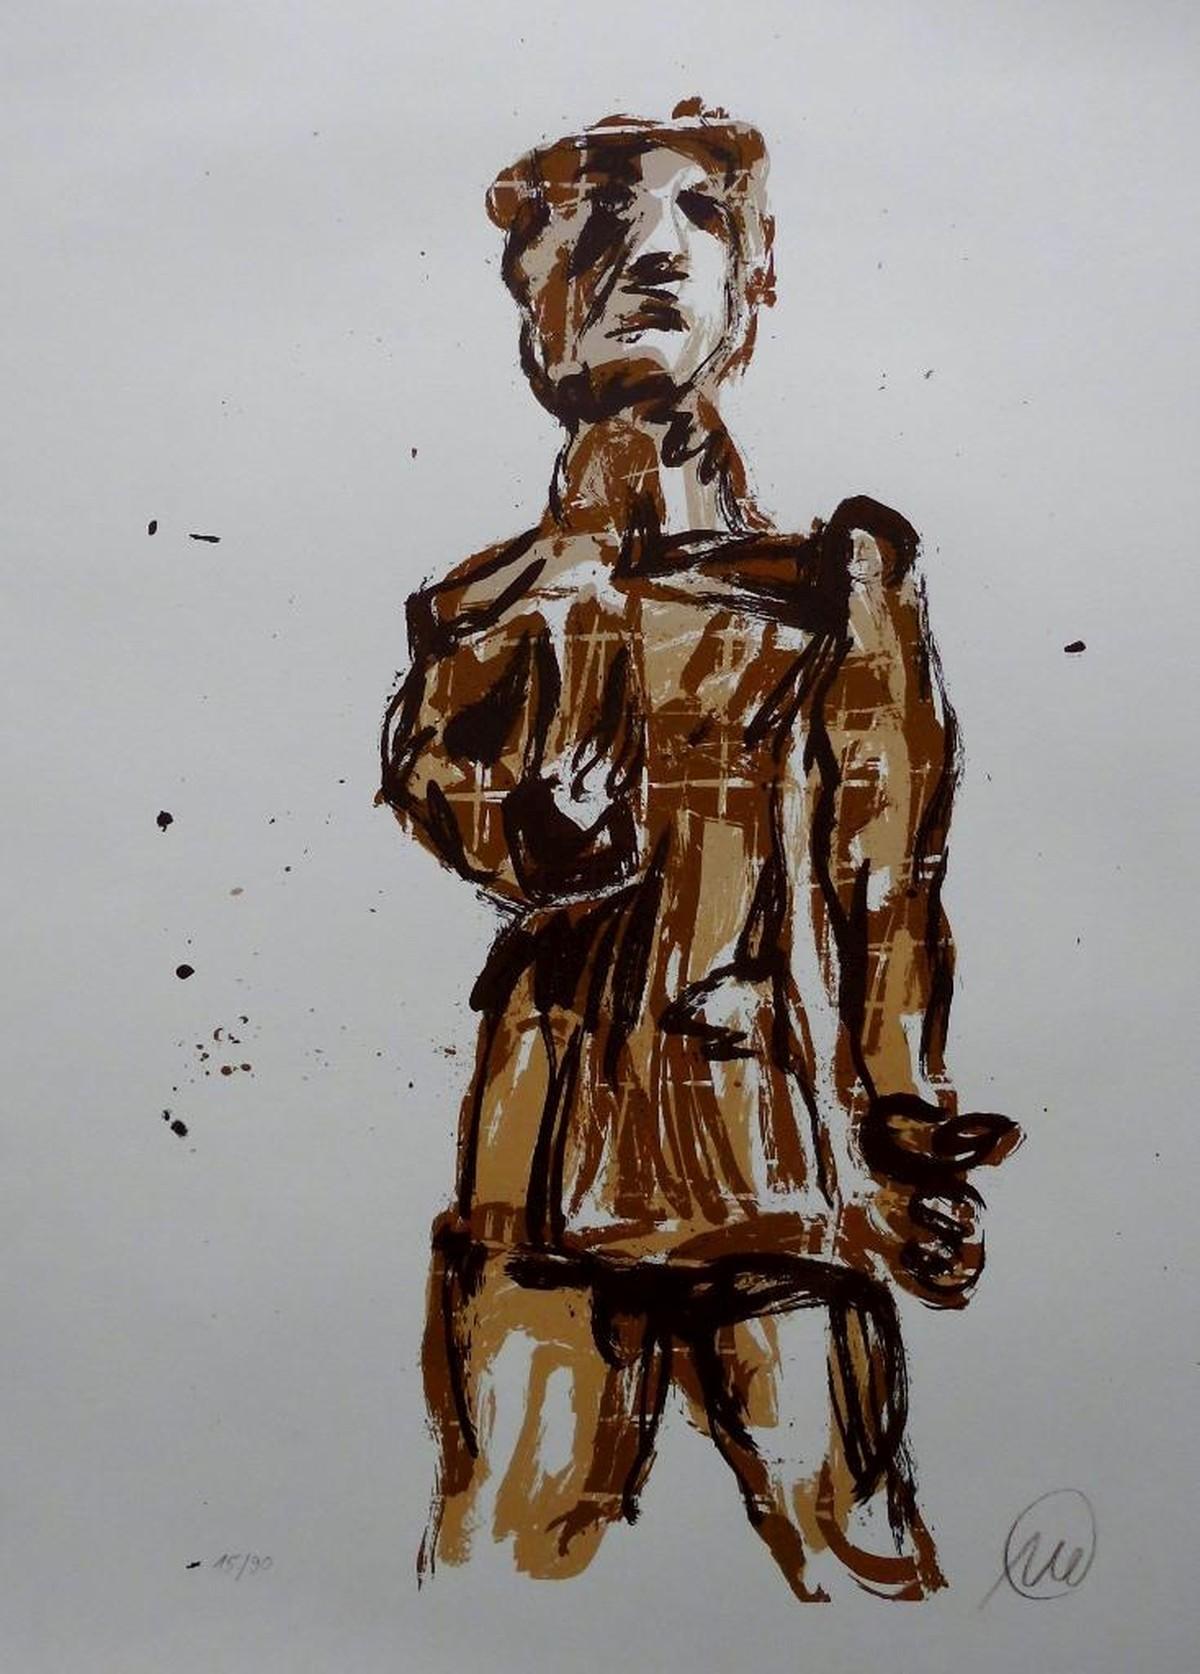 Marcus Lupertz - Paris - Seriegrafie auf Bütten, nummeriert und signiert kopen? Bied vanaf 600!